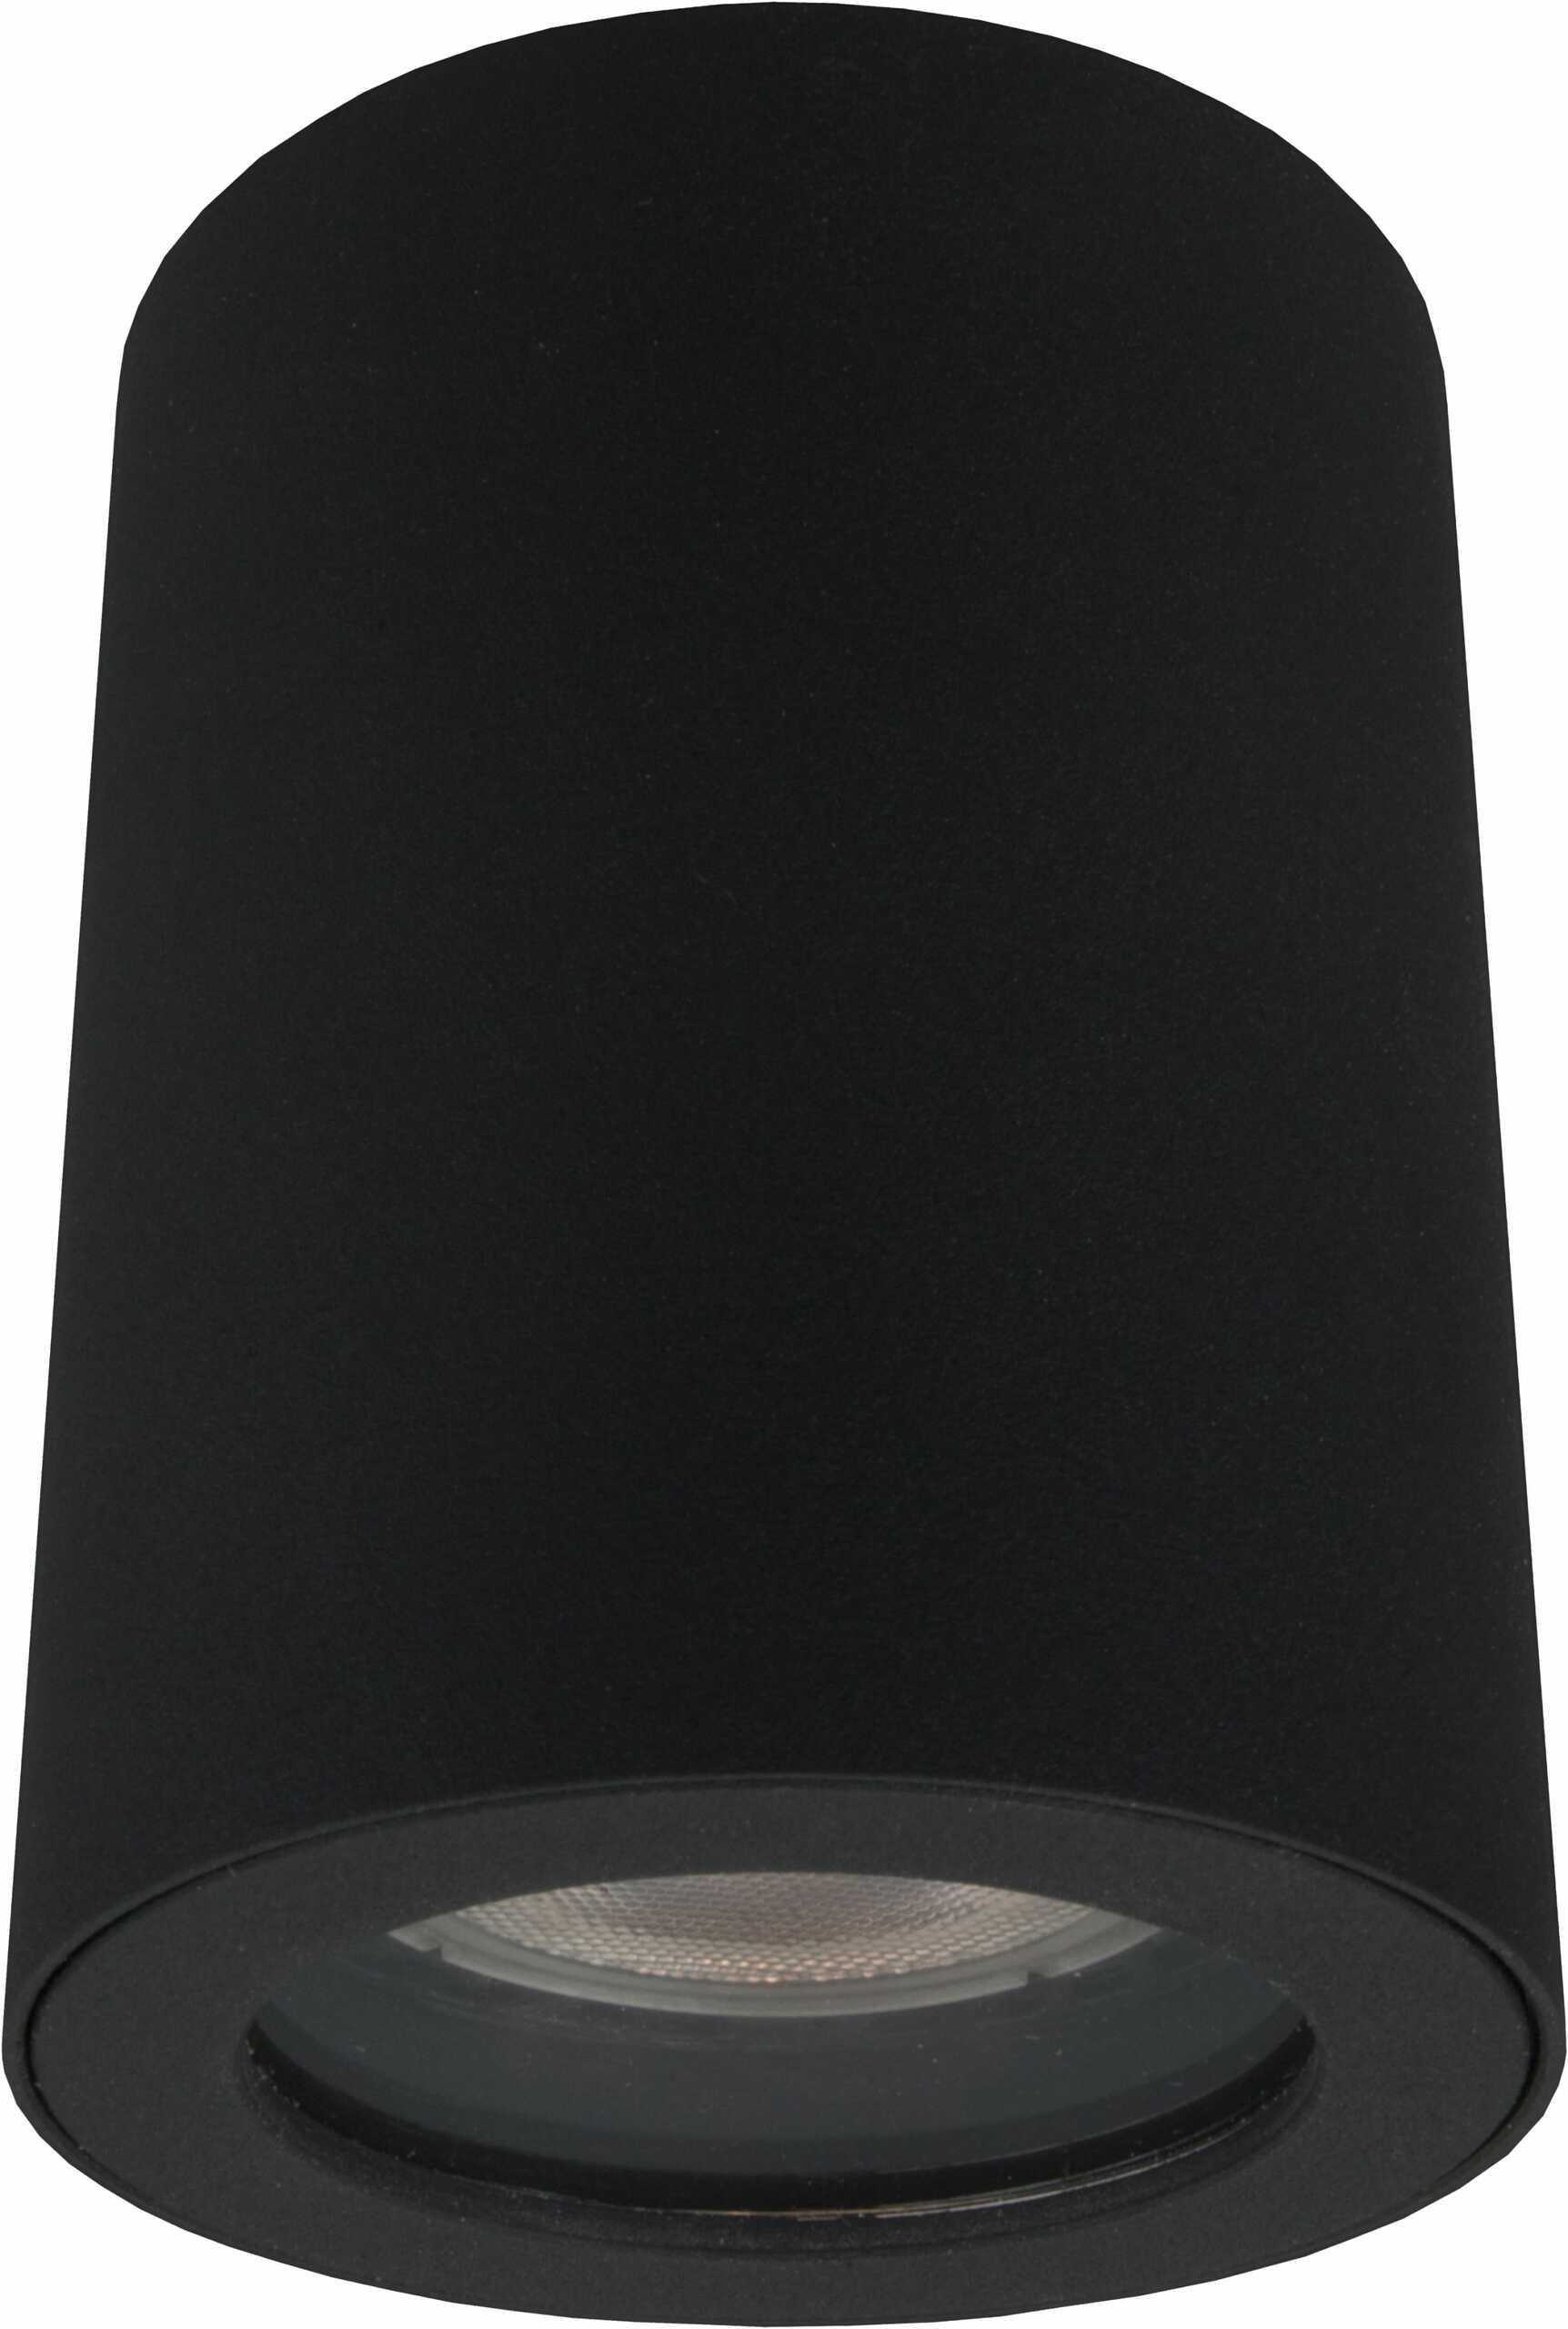 Oprawa natynkowa Faro czarna IP65